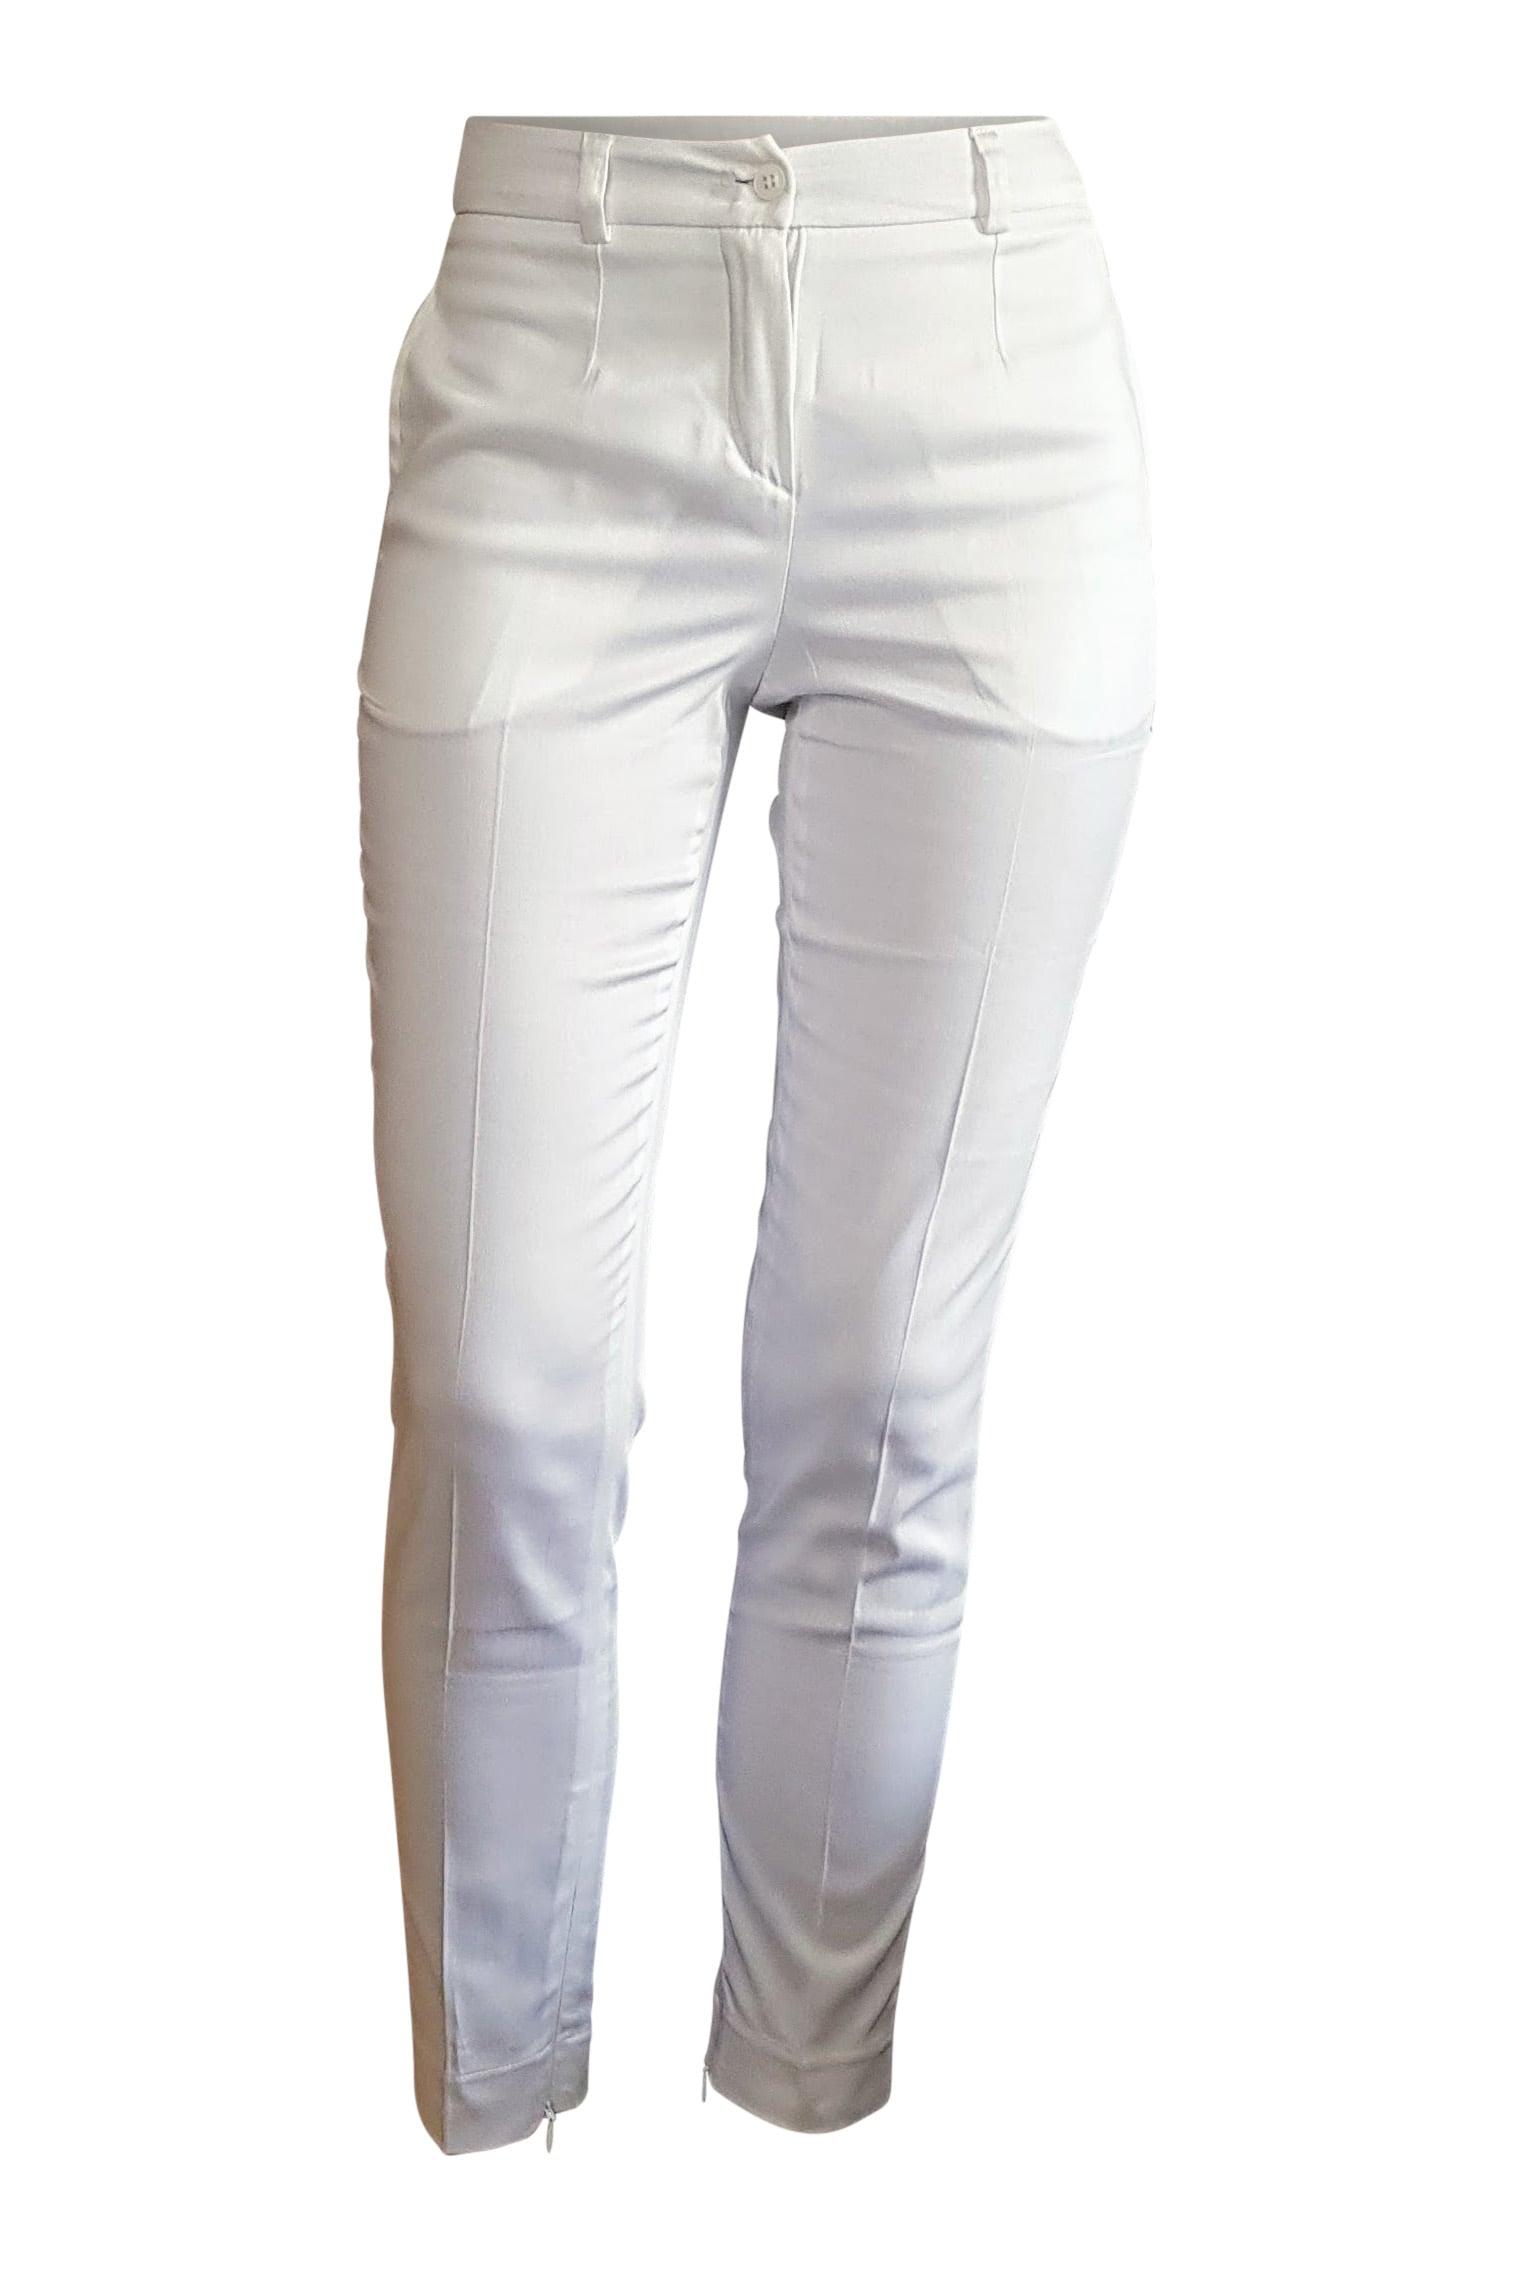 da18003361 7 8 cigarette pants in white cotton stretch ESTHER